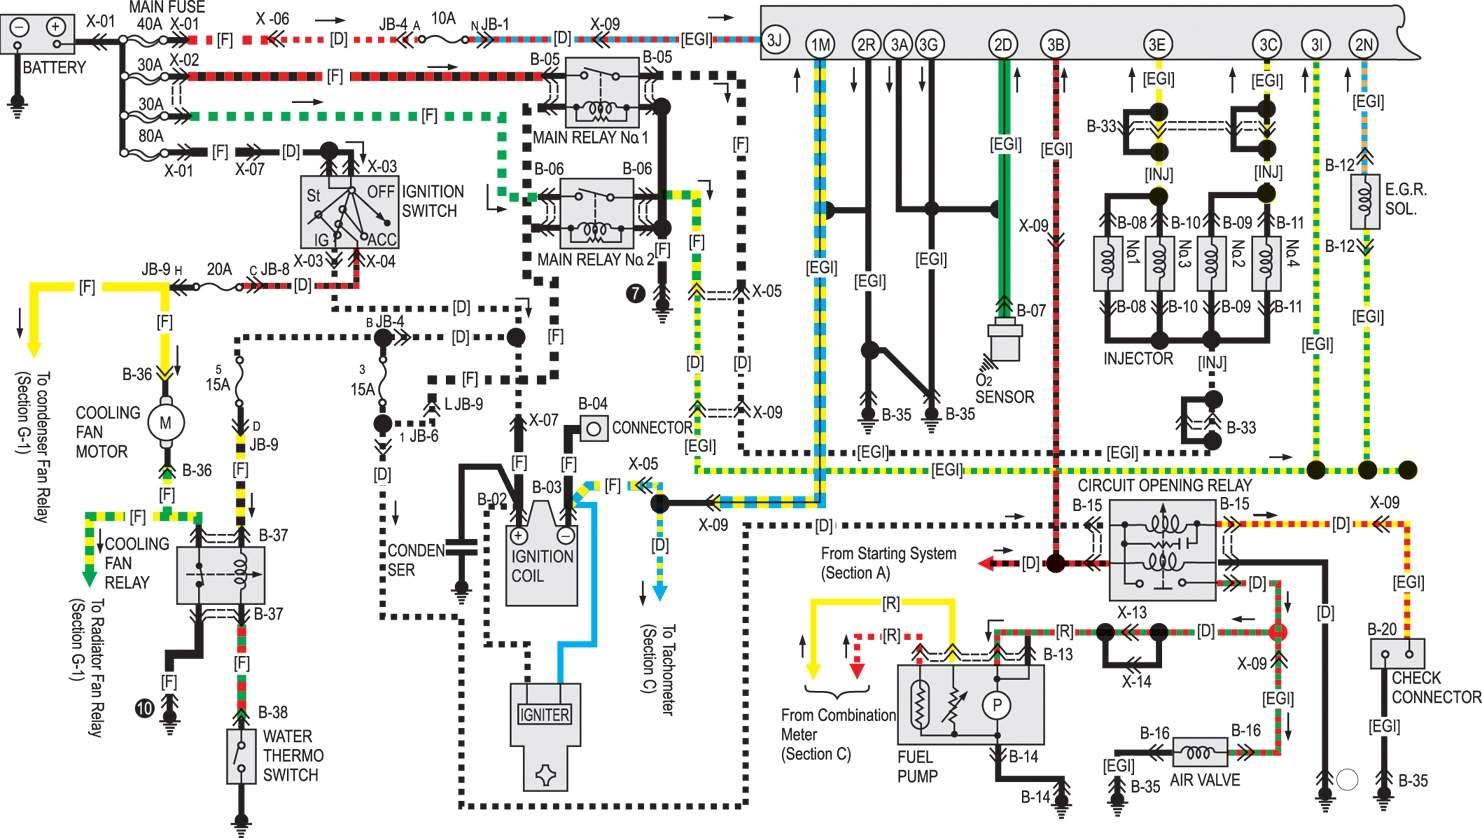 Ремонт мазда 626 схема